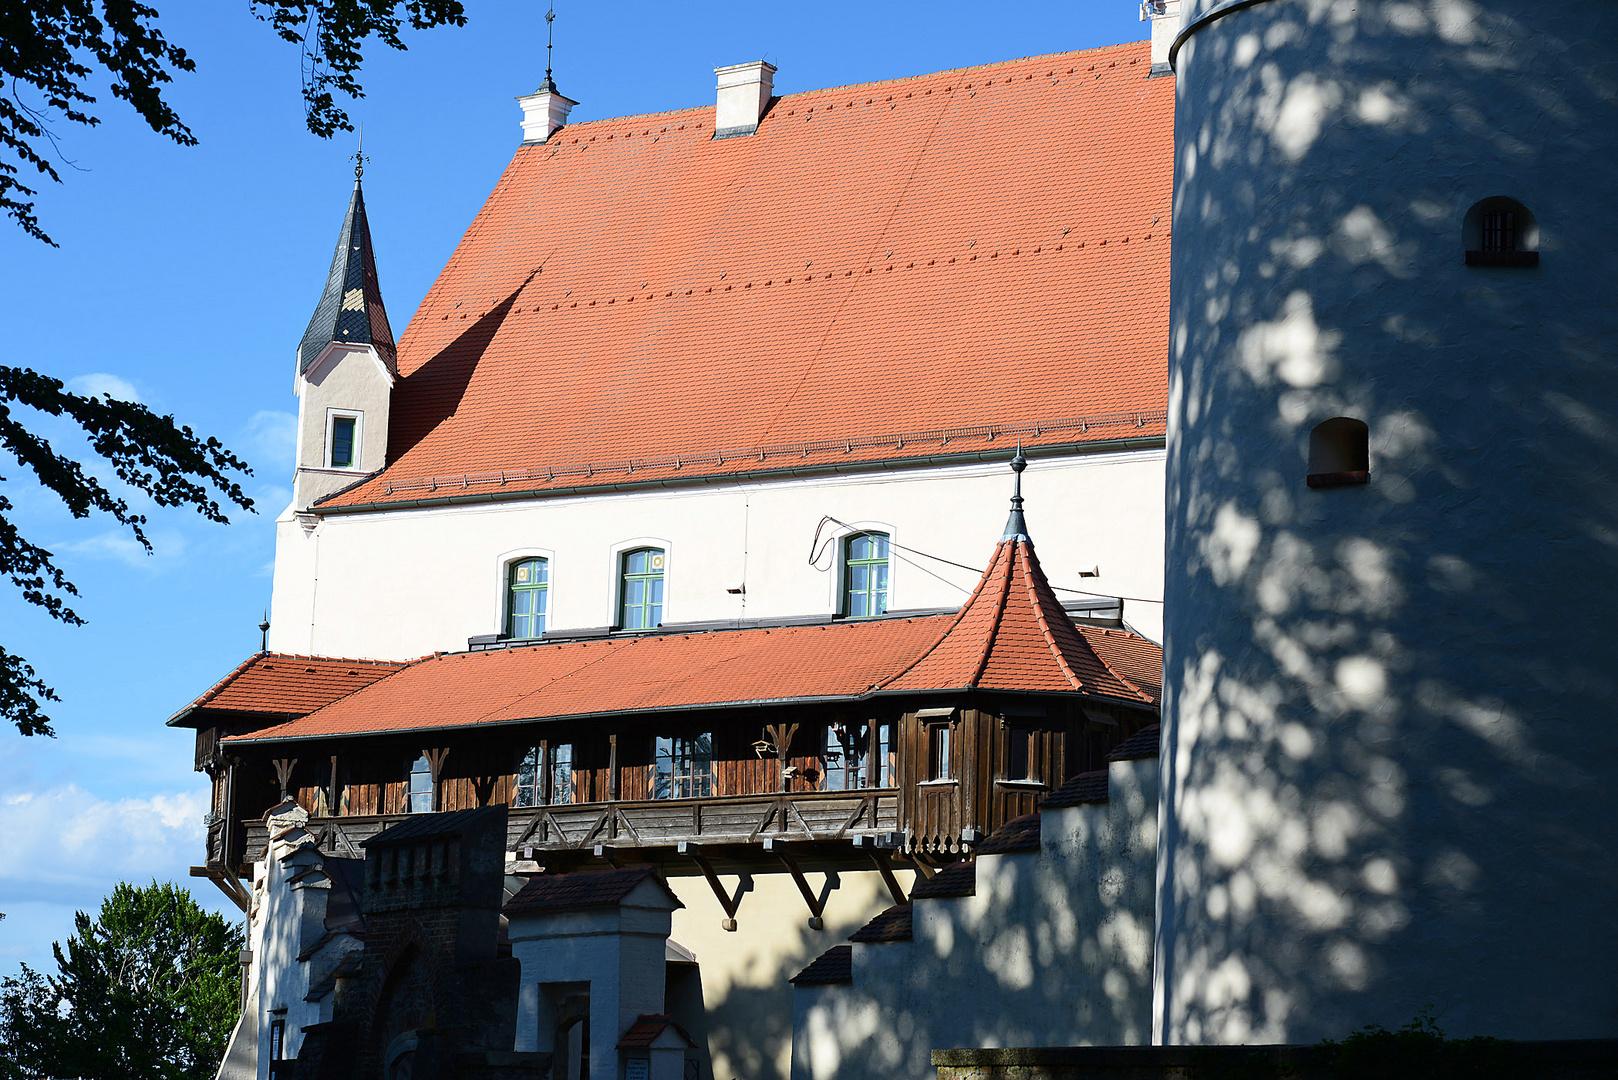 Mindelburg in Mindelheim